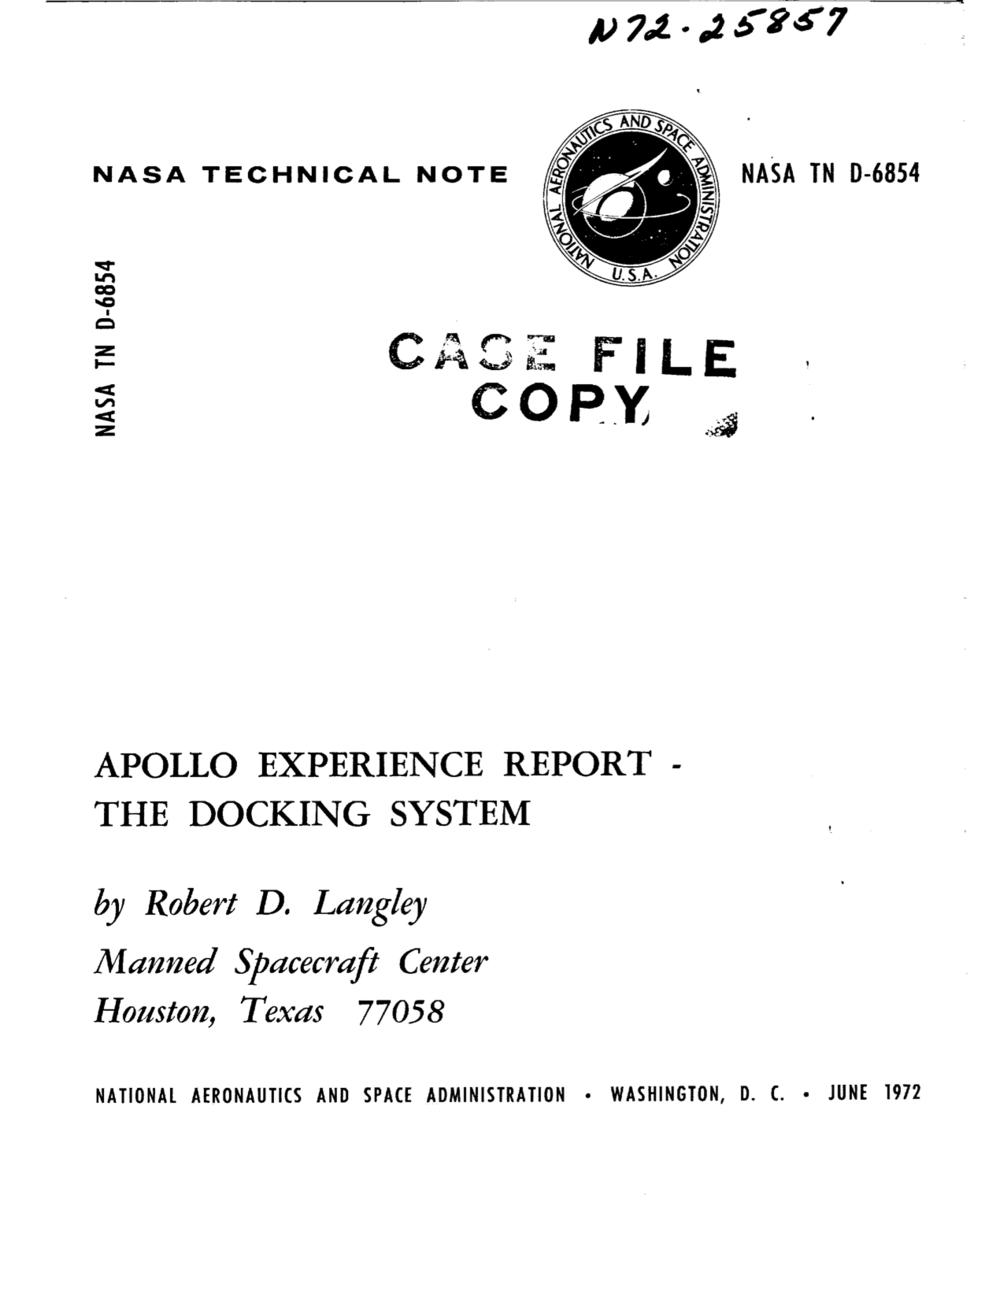 Original Docking System Report